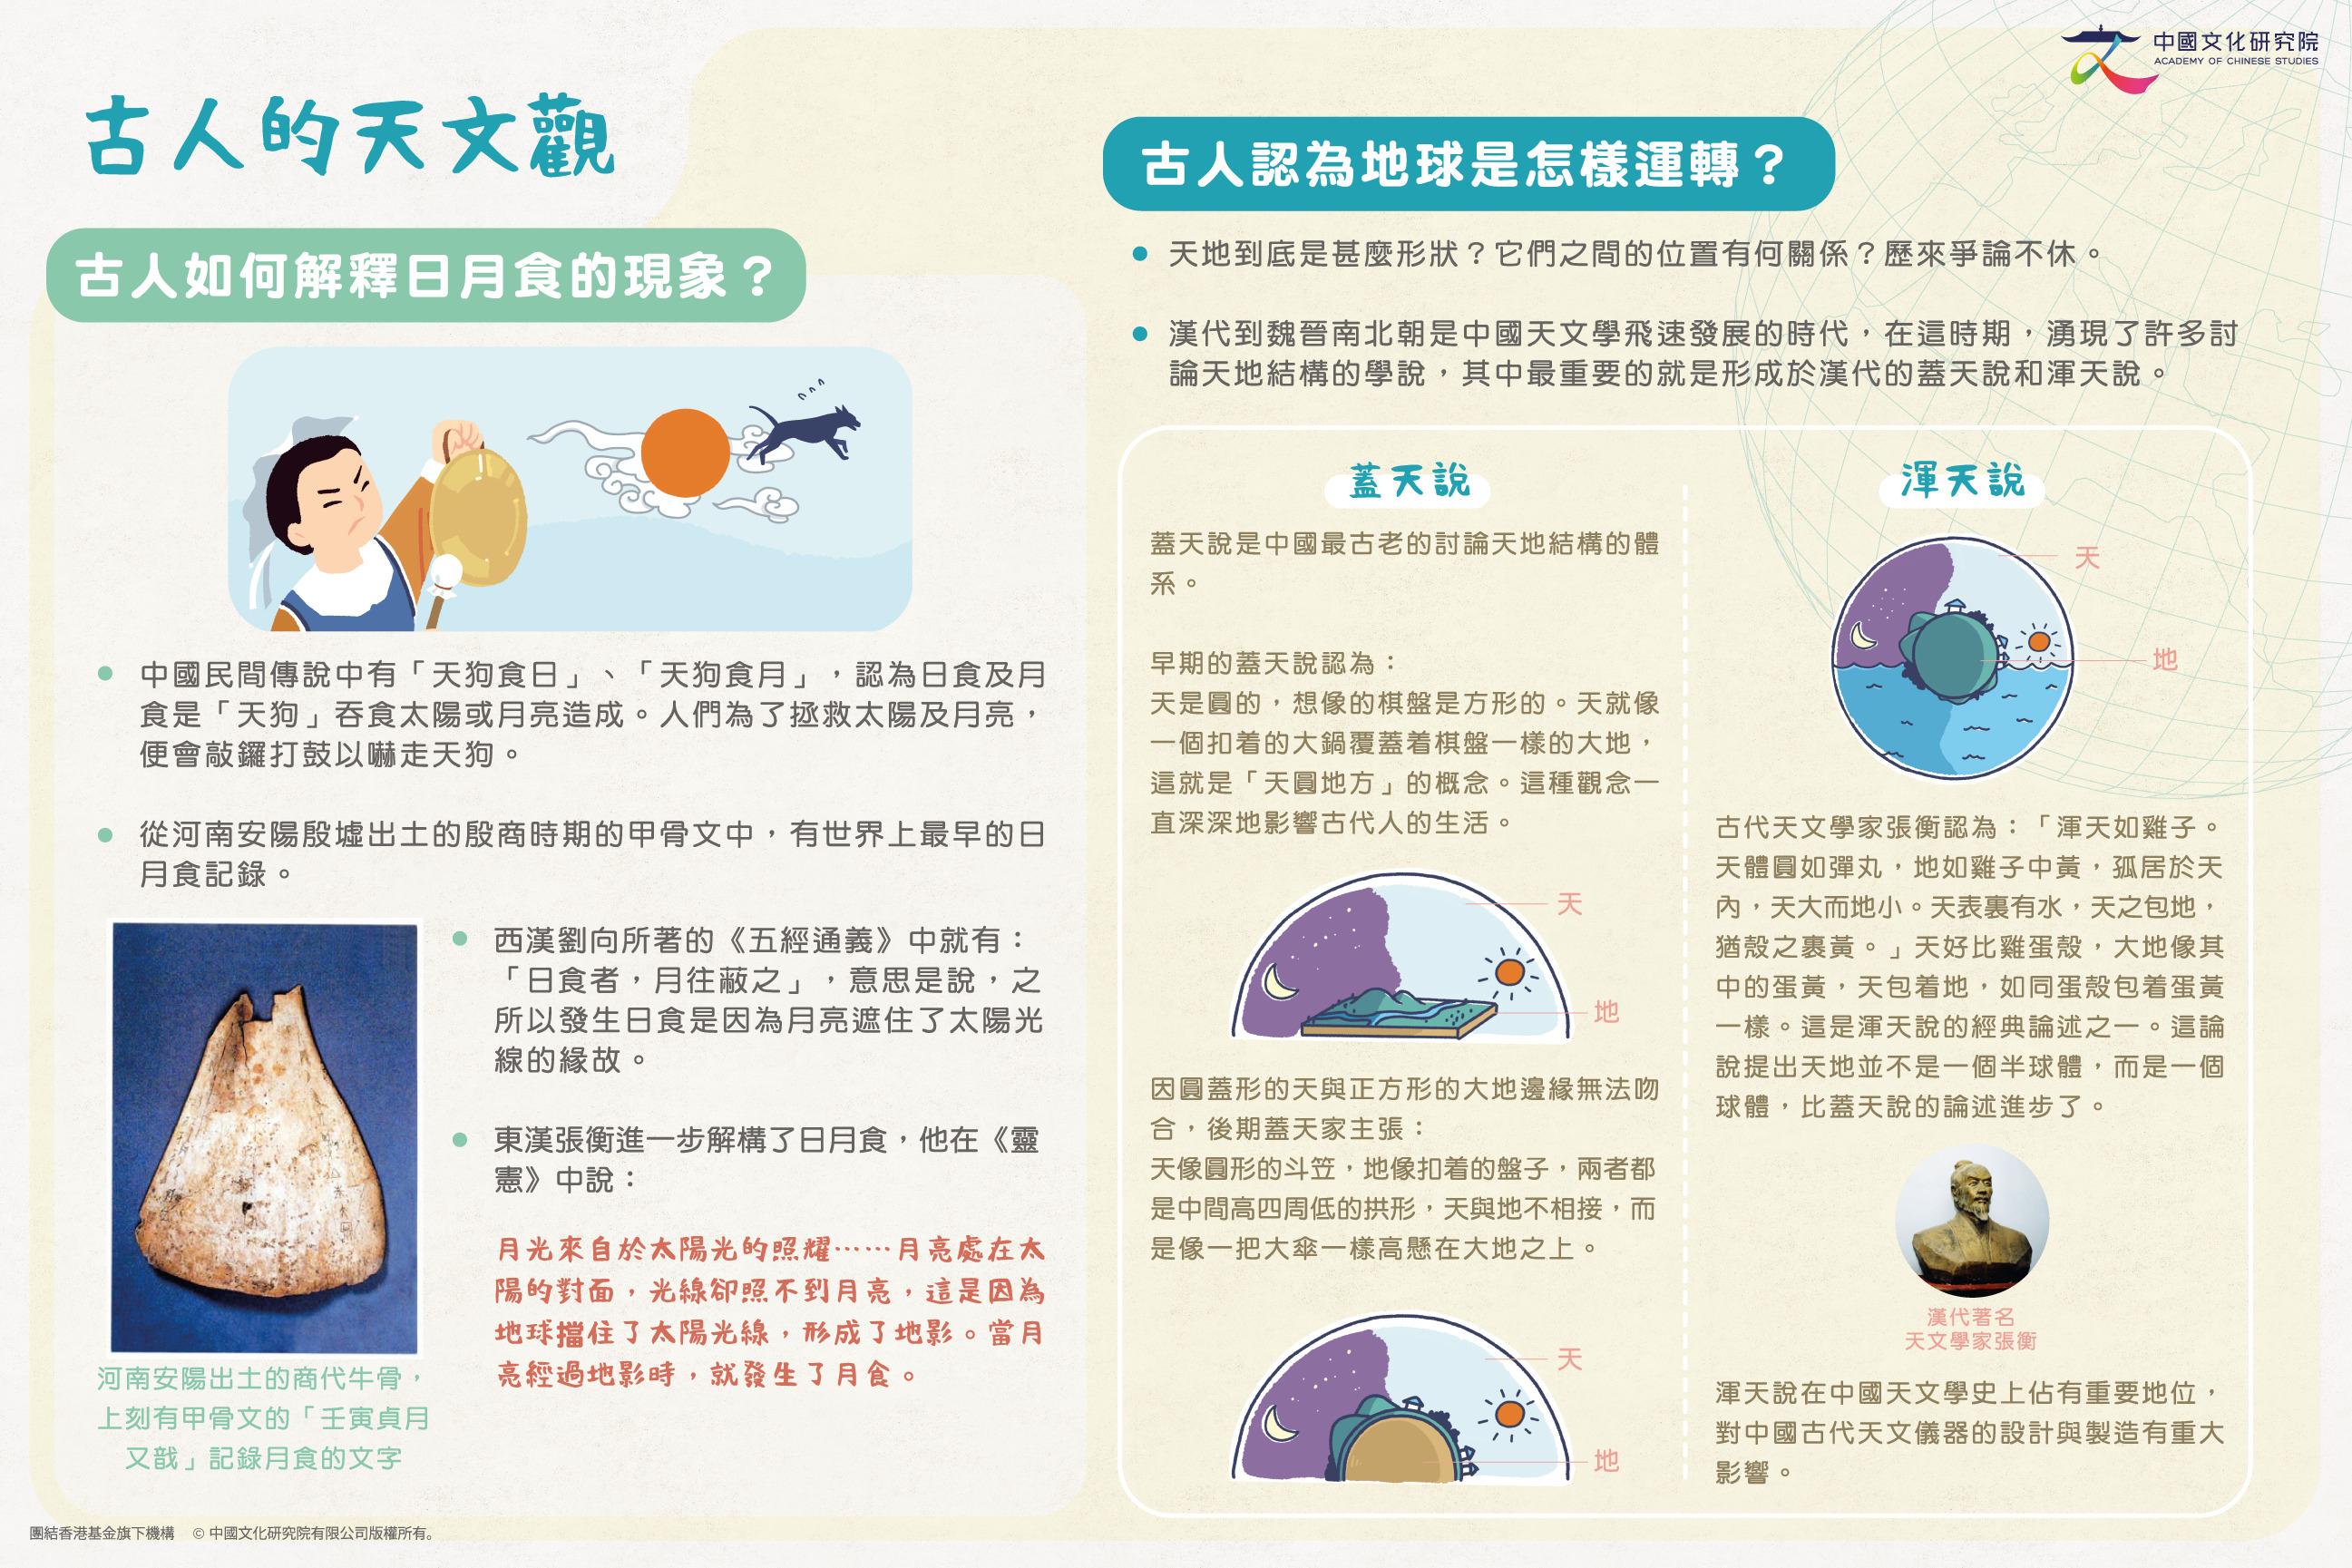 zhongguogudaitianwenxue-0102_v2_deb0817-02